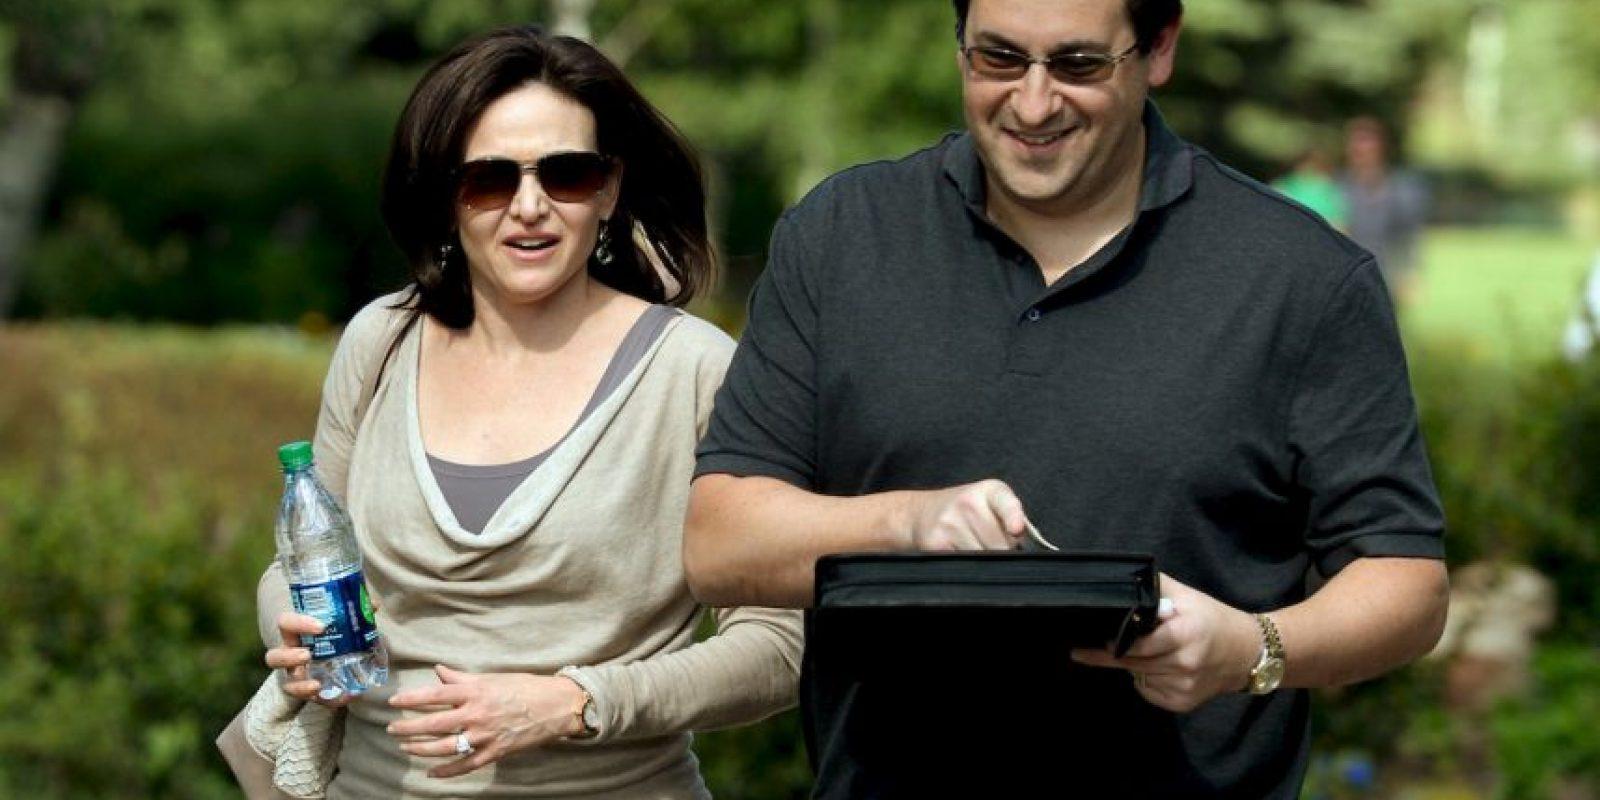 Dave Goldberg y Sheryl Sandberg se conocieron en Silicon Valley mientras trabajaban para Facebook Foto:Getty Images